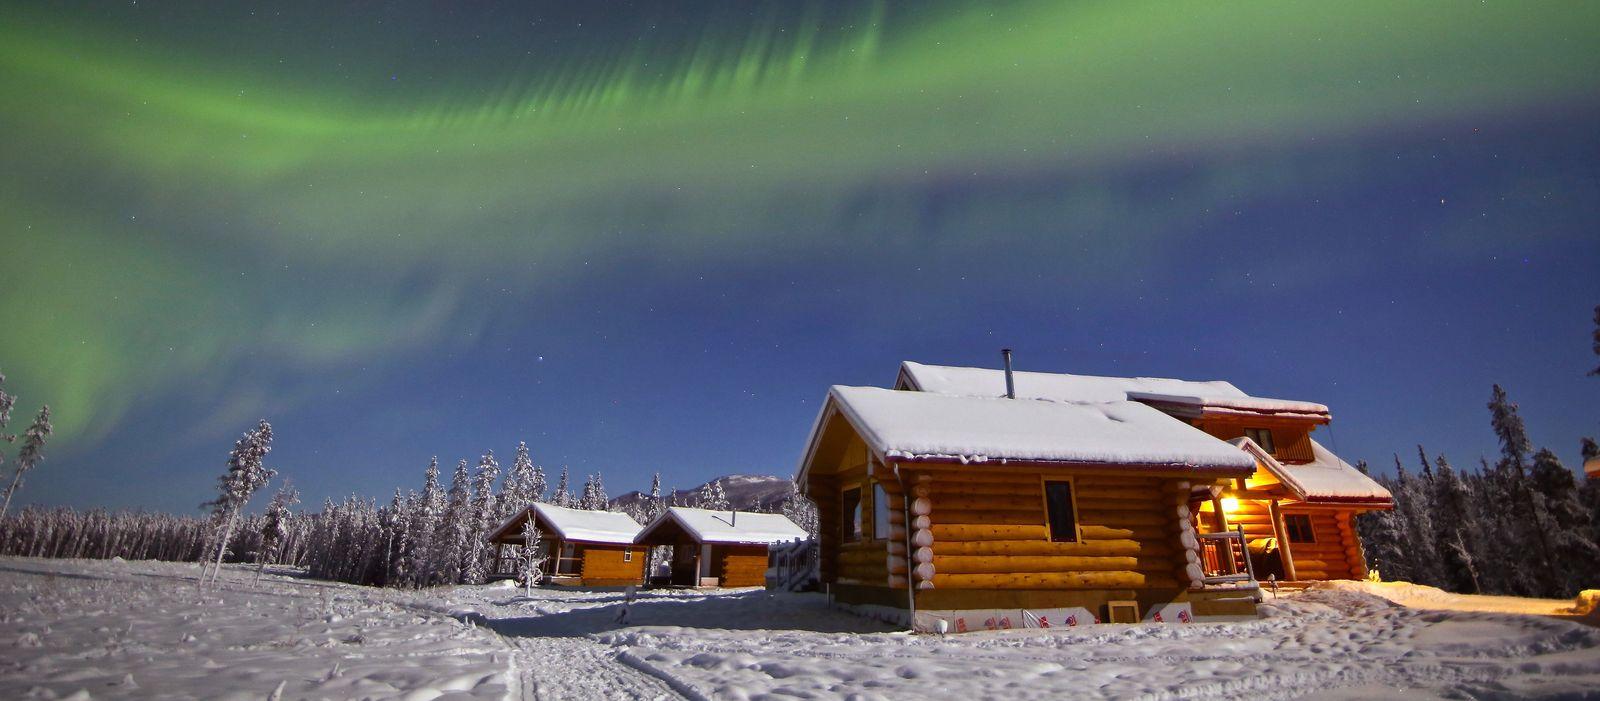 NWT Winter-Promo Yukon, Northern Lights Resort & Spa, Nordlichter über der Lodge